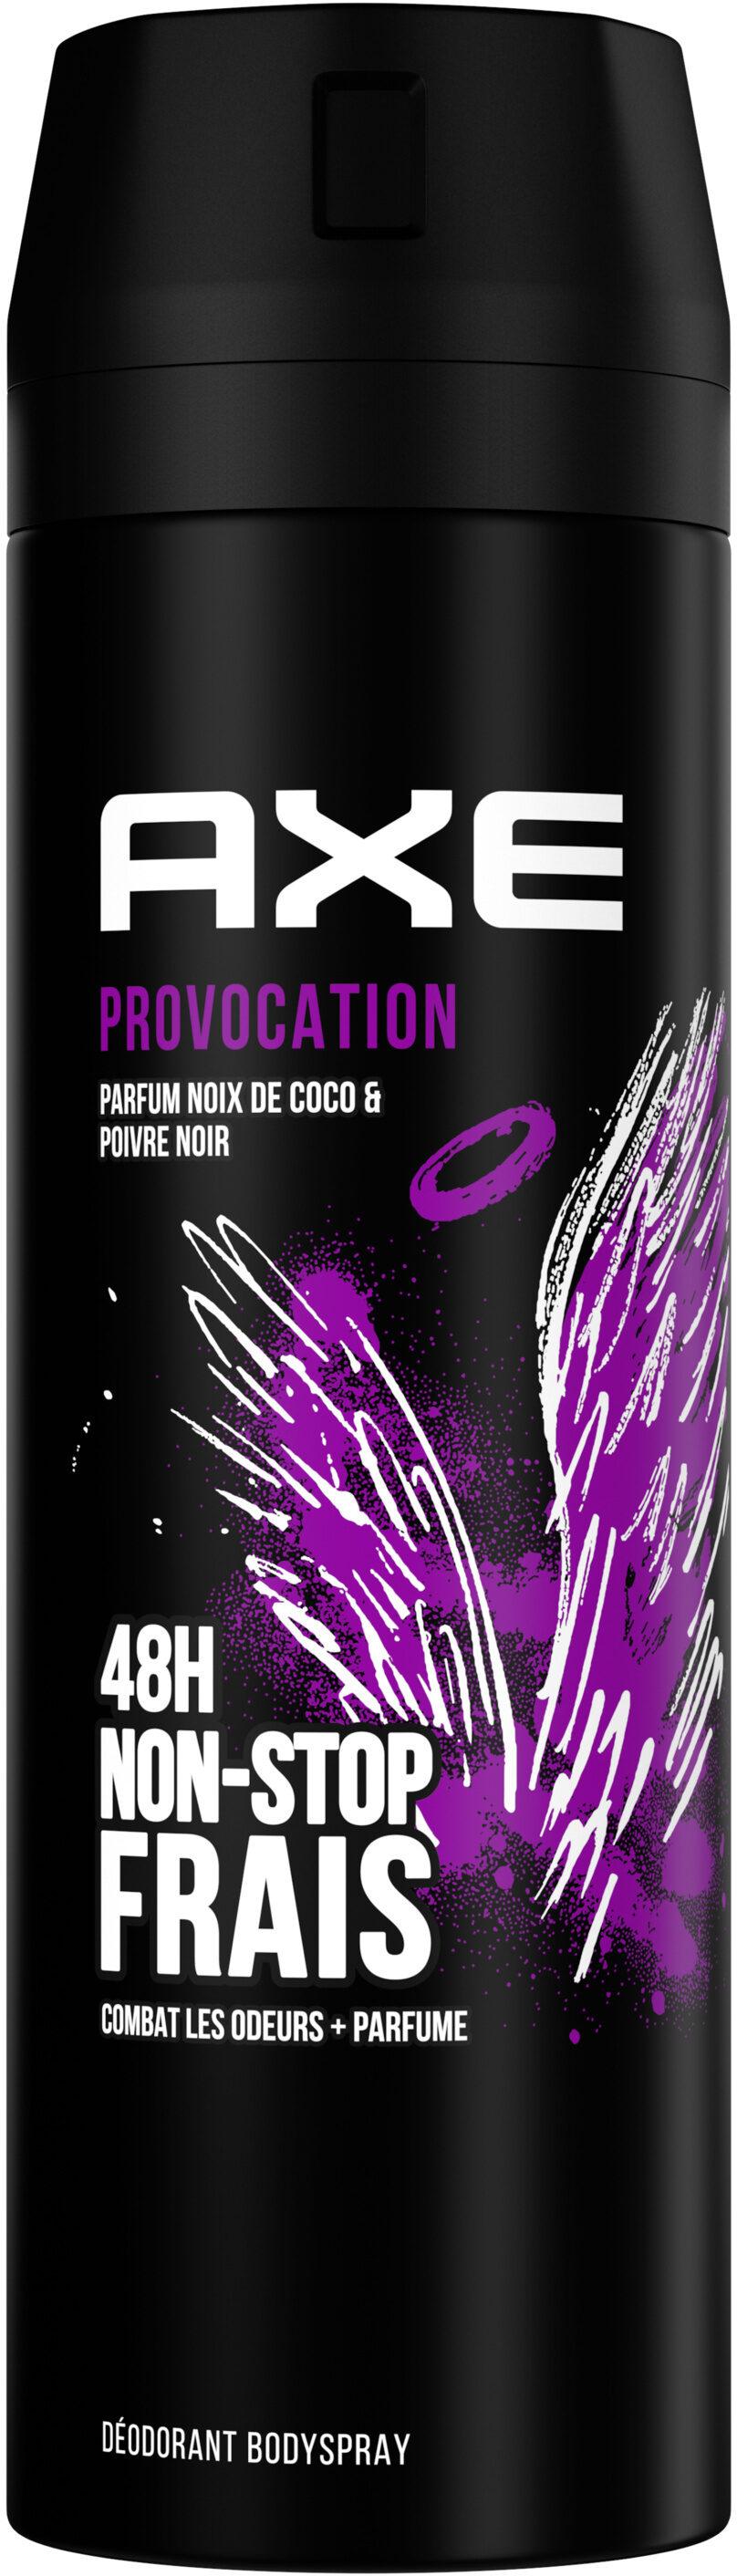 AXE Déodorant Homme Bodyspray Provocation 48h Non-Stop Frais - Product - fr